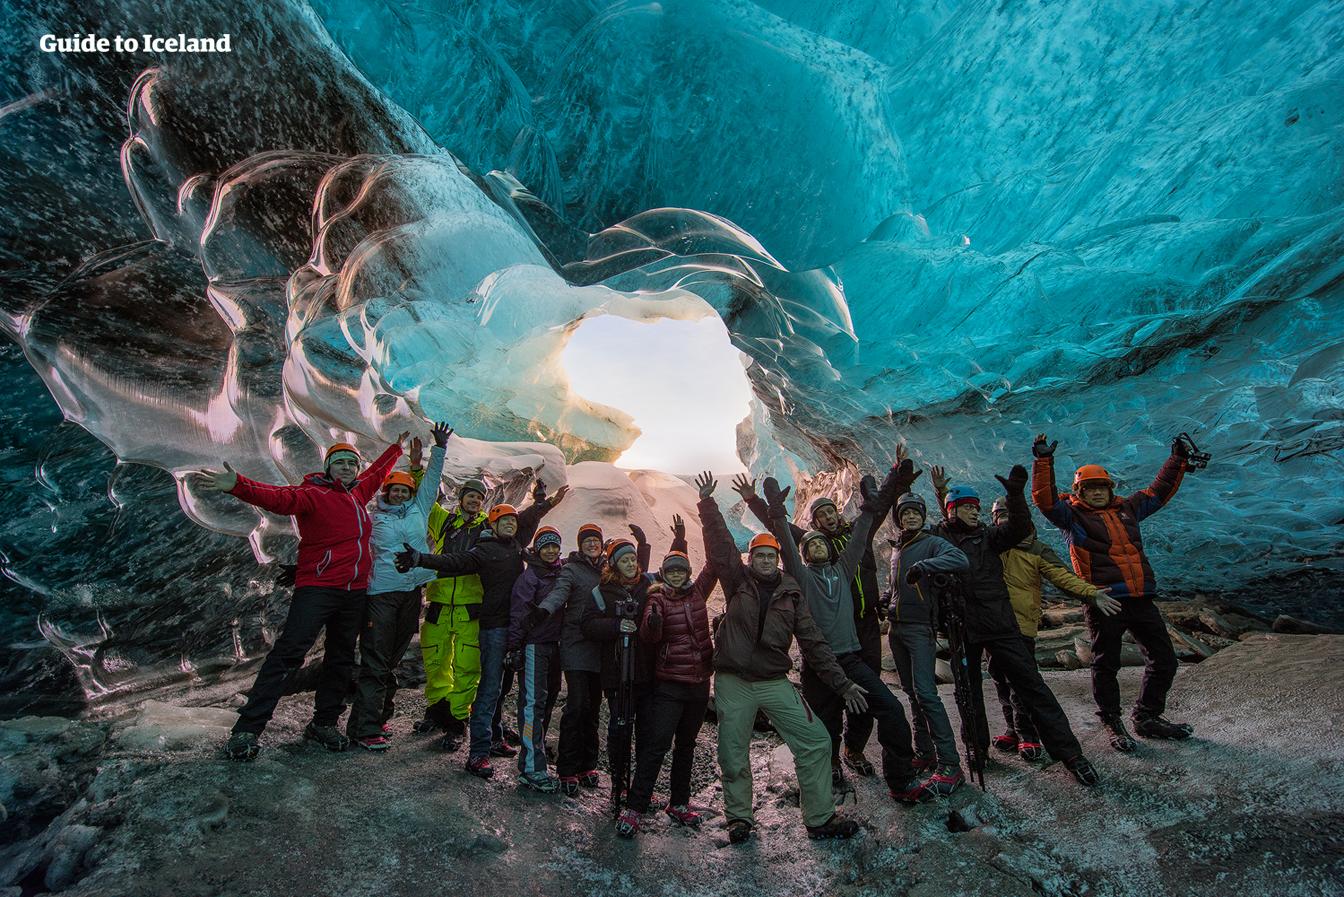 只要走进蓝冰洞,保证您会被它绚丽夺目的冰蓝色所惊艳。